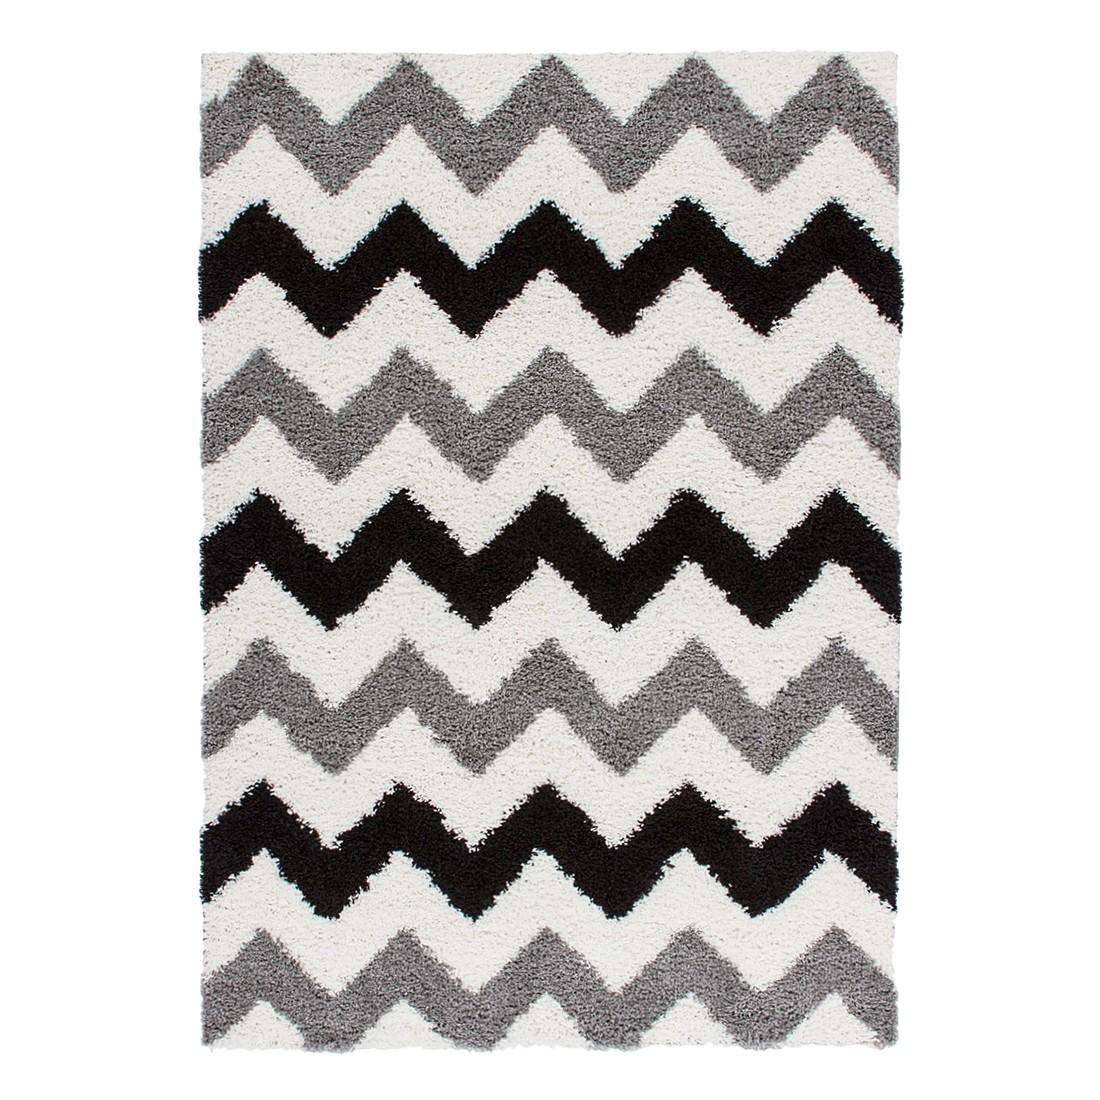 Teppich Bolivia – Montero – Grau – 120 x 170 cm, Kayoom günstig kaufen